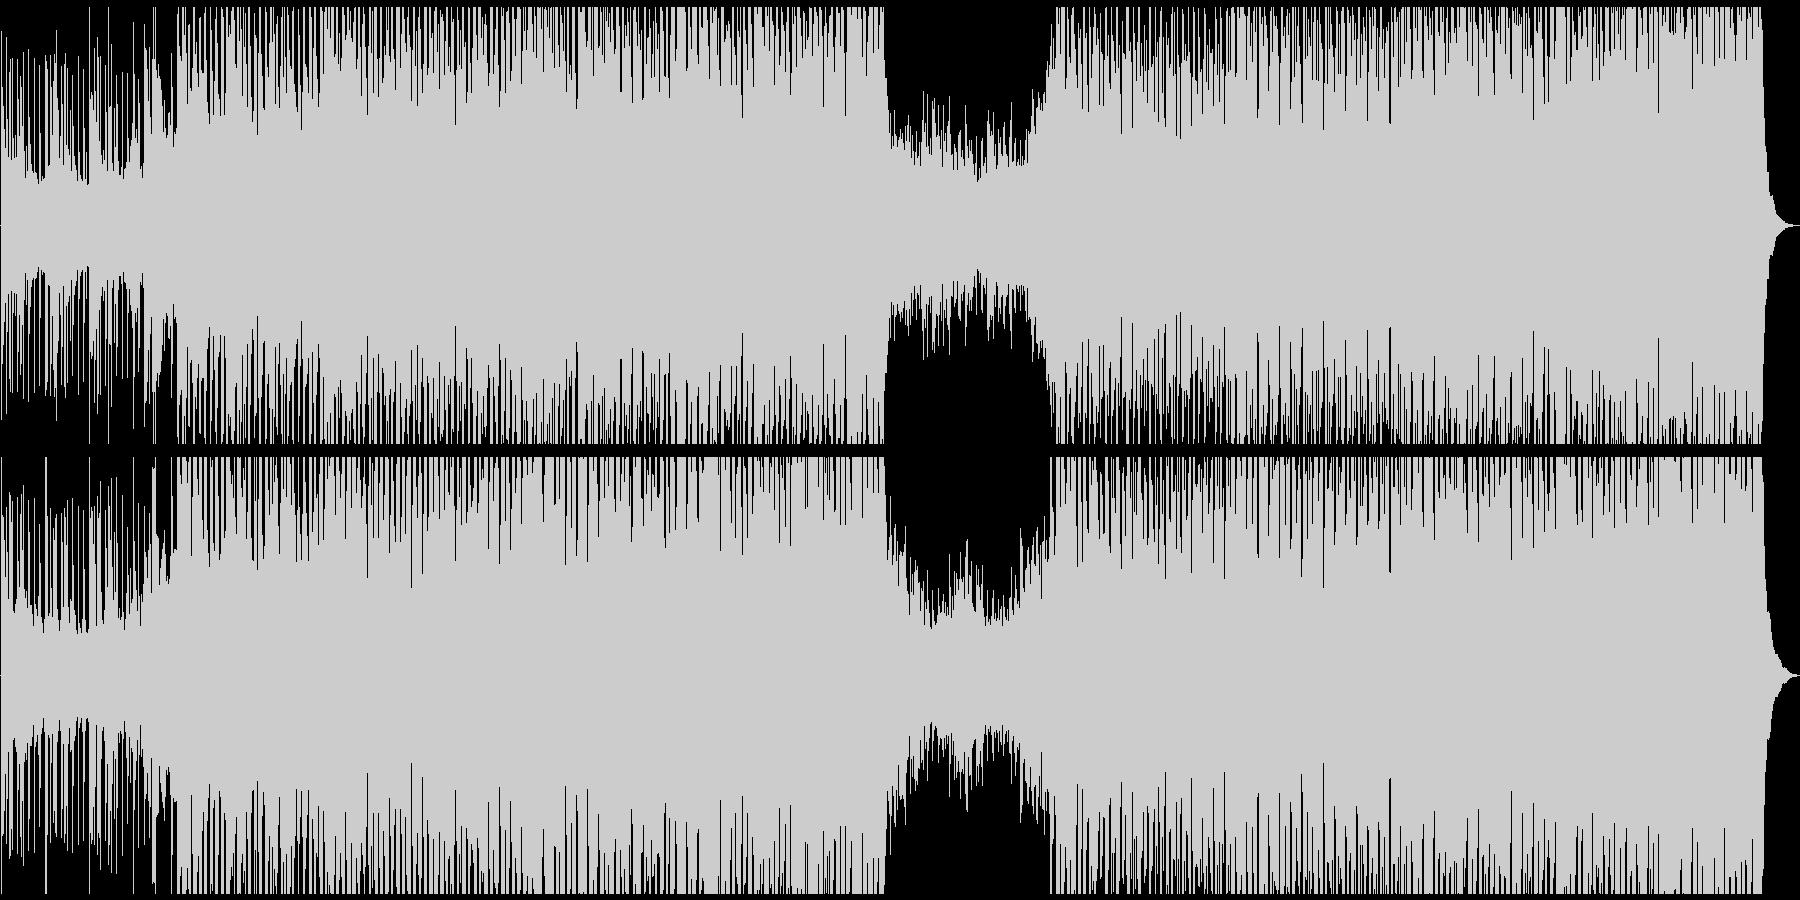 エネルギッシュで未来的なデジタルサウンドの未再生の波形